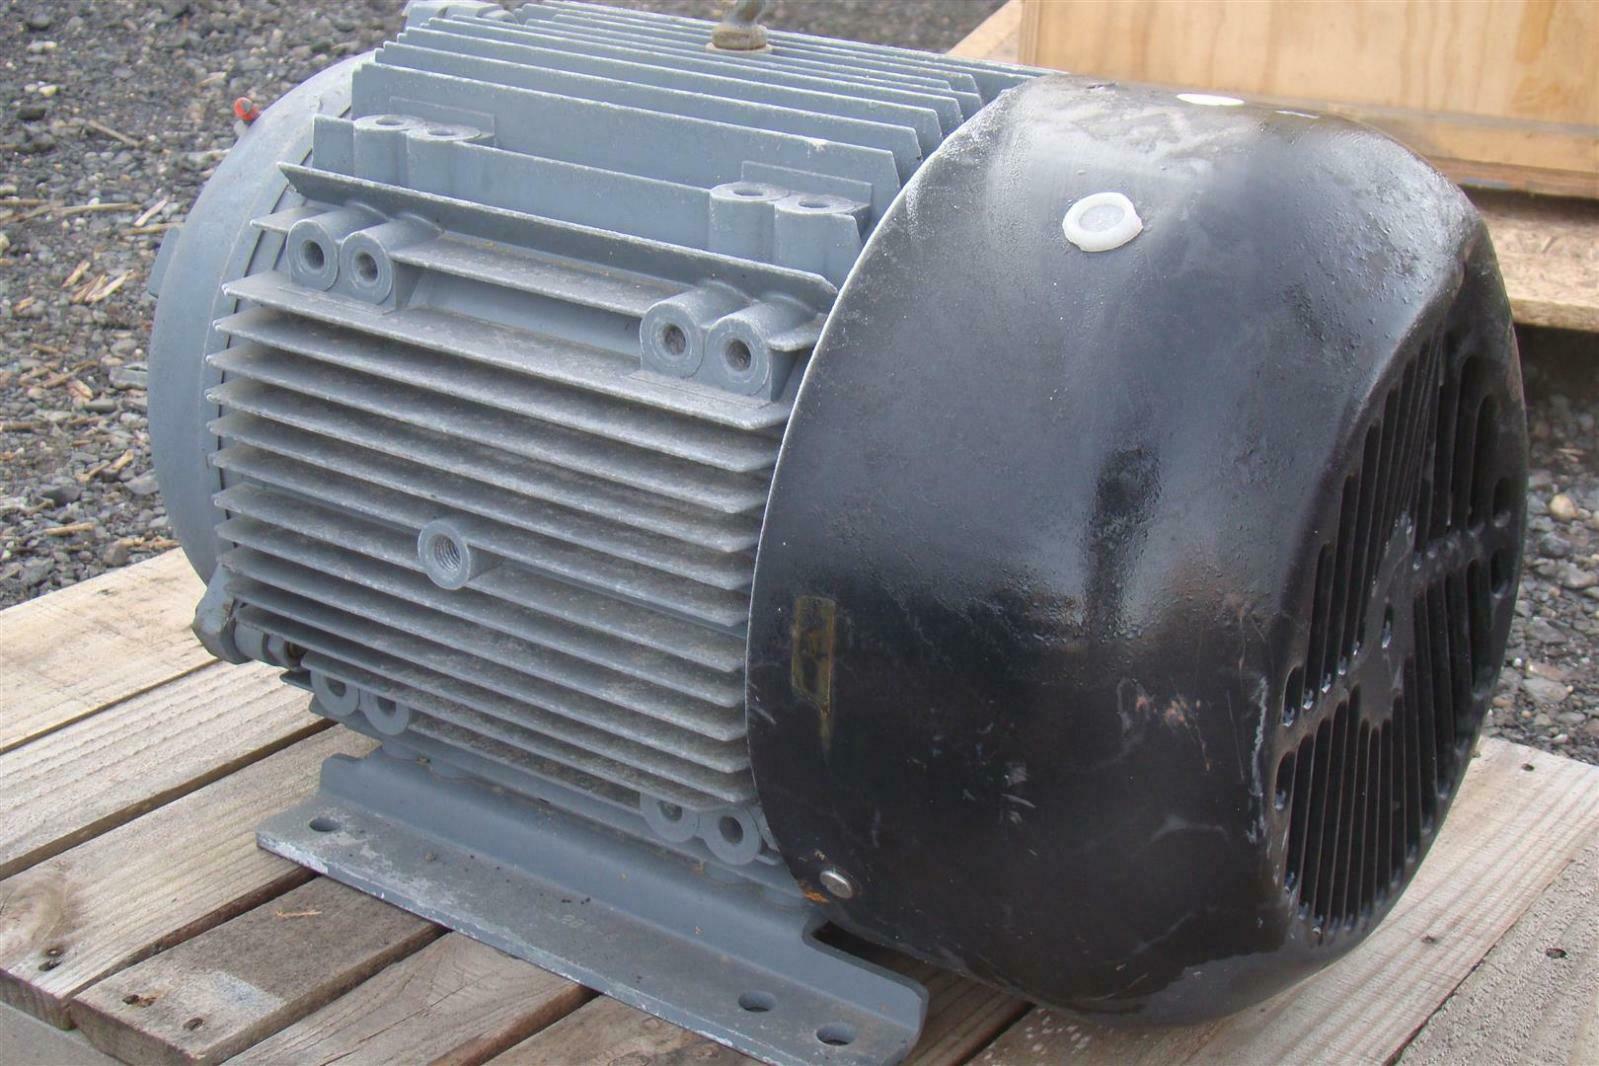 leeson 10 hp motor wiring diagram 04 nissan xterra radio brook crompton betts motors - impremedia.net